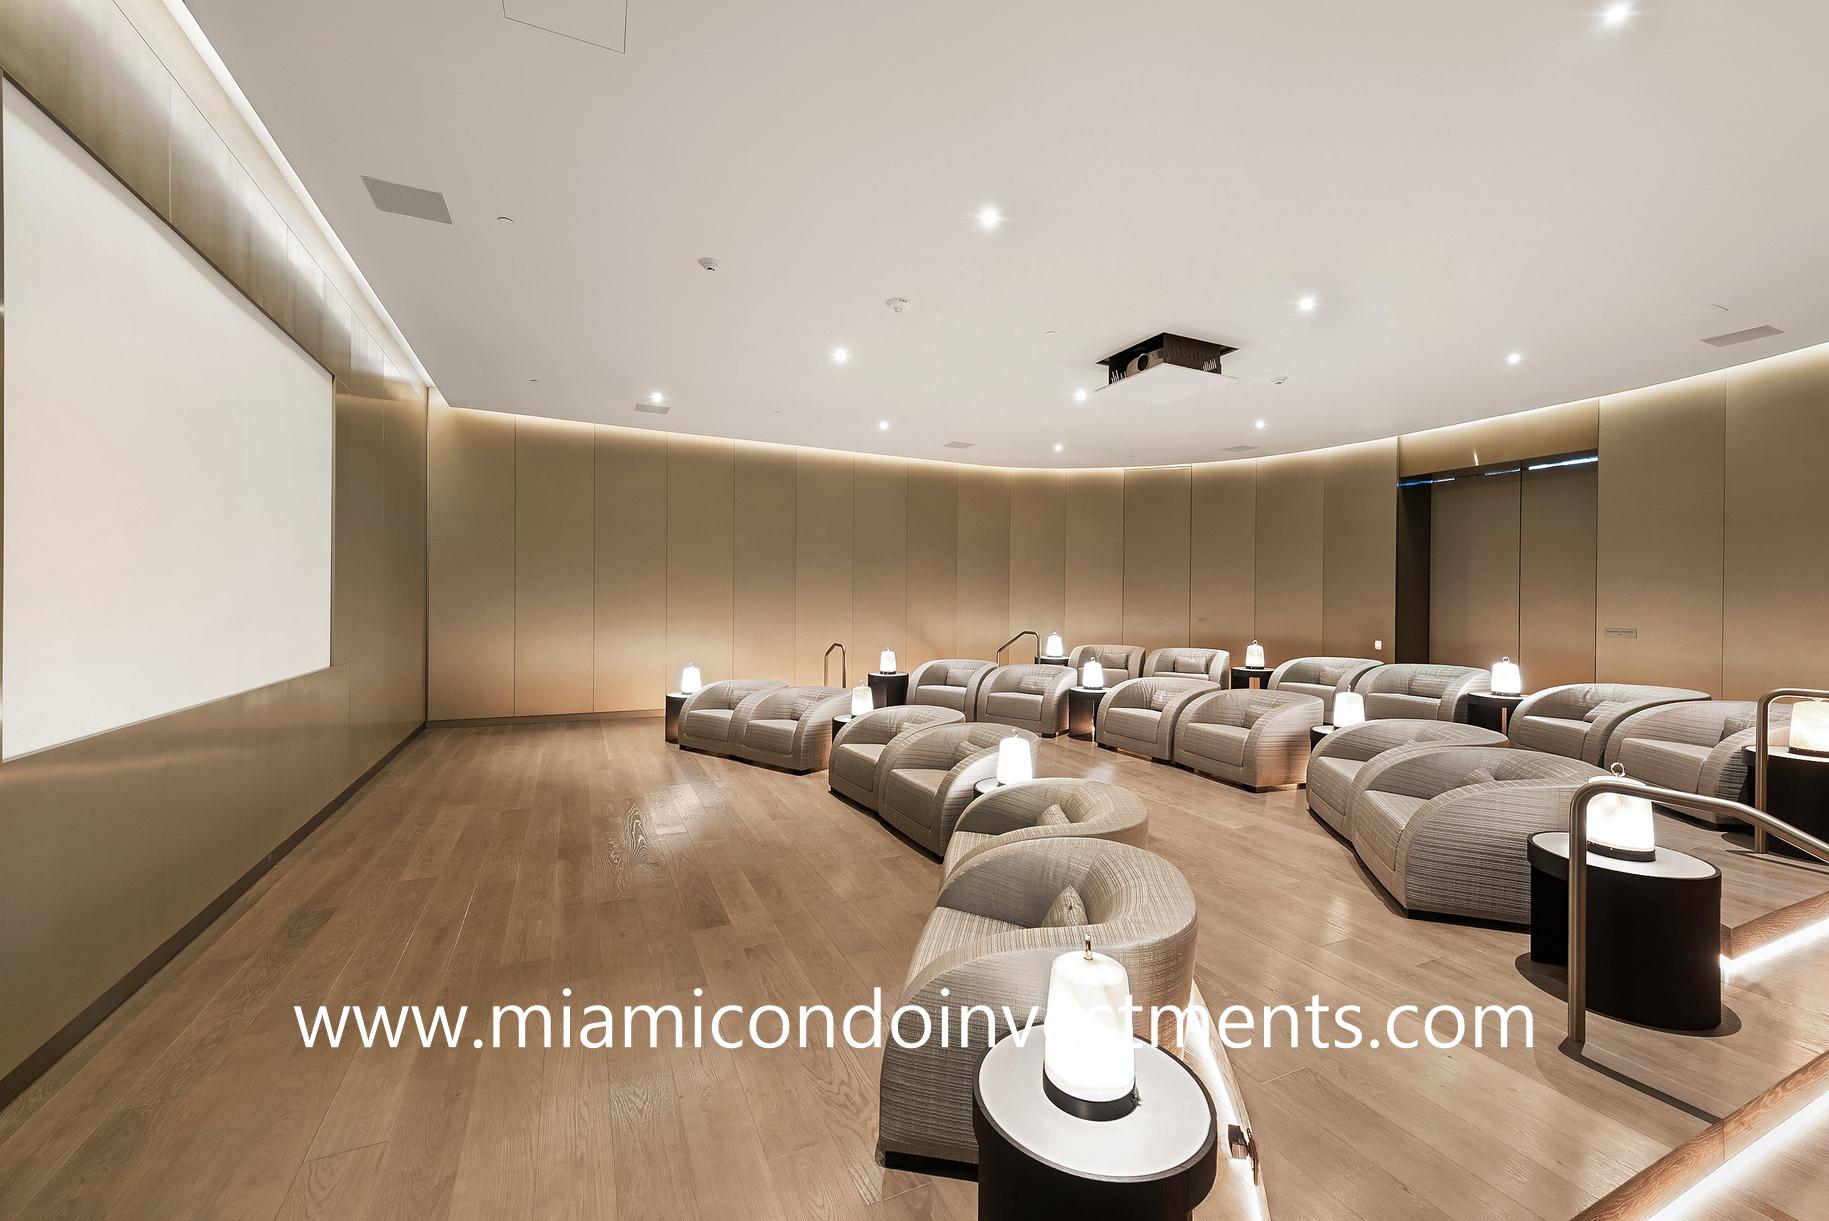 Armani Casa movie theater